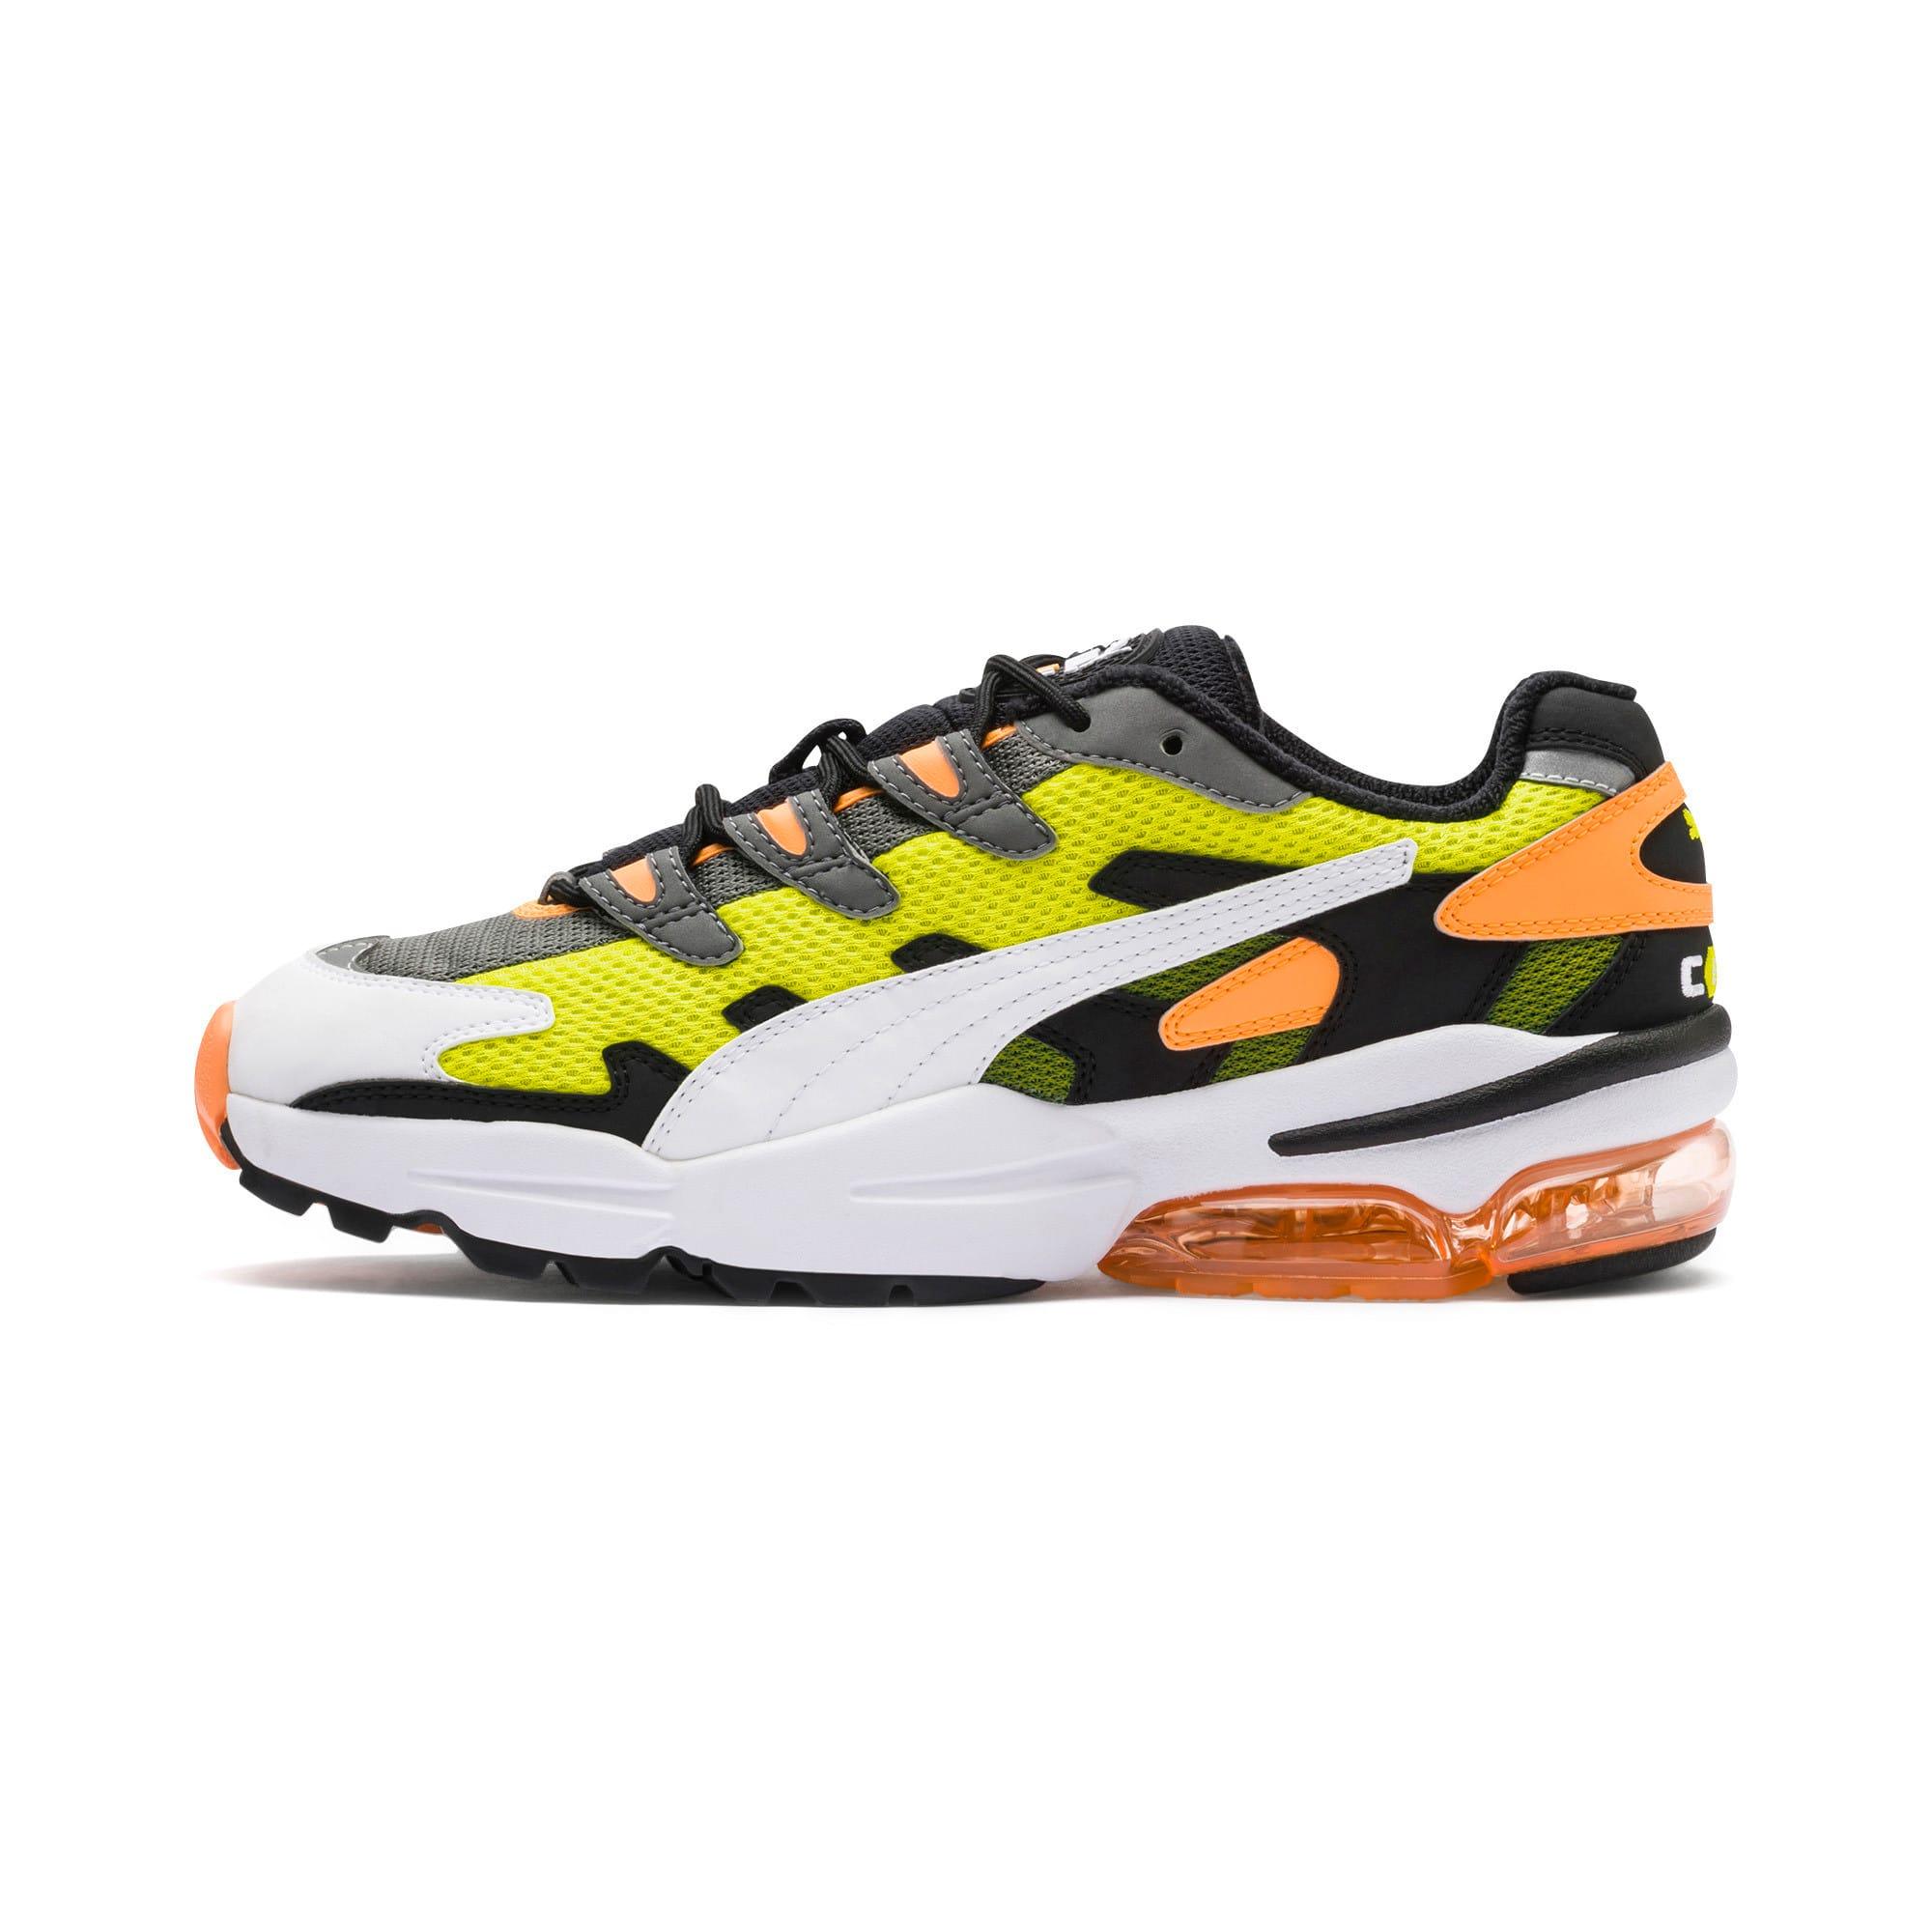 Thumbnail 1 of CELL Alien OG Sneakers, Yellow Alert-Fluo Orange, medium